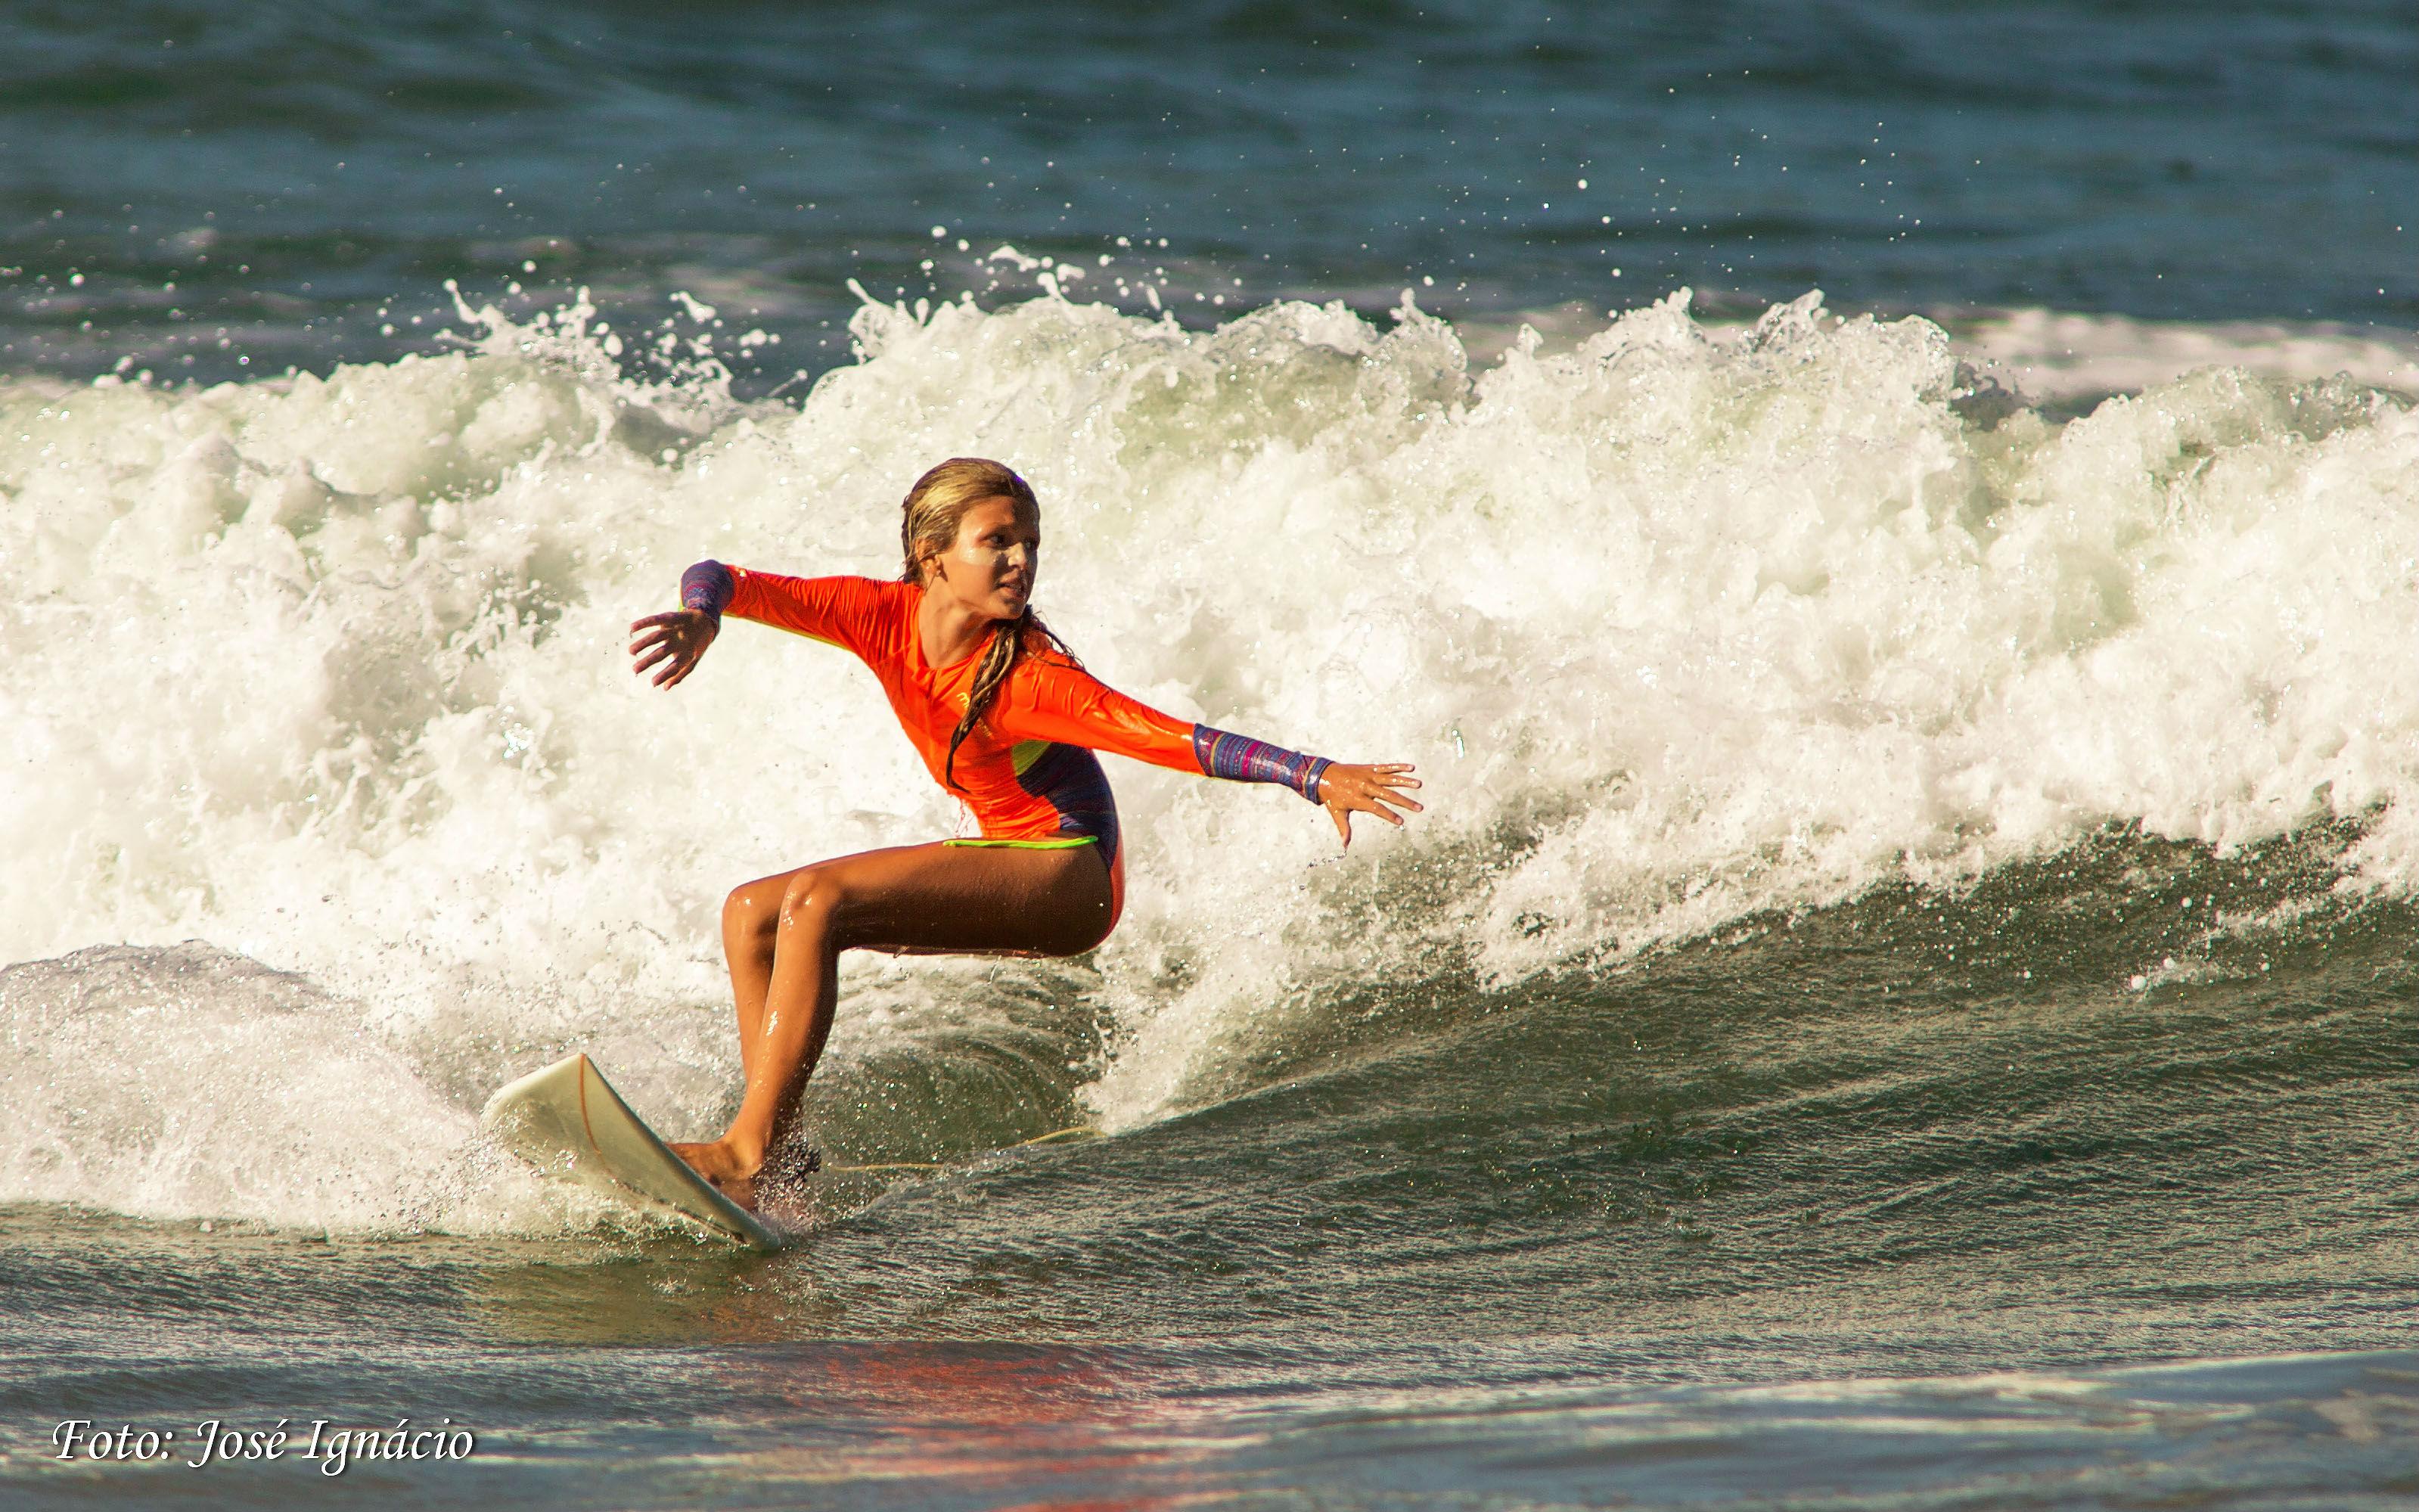 Surf talentos